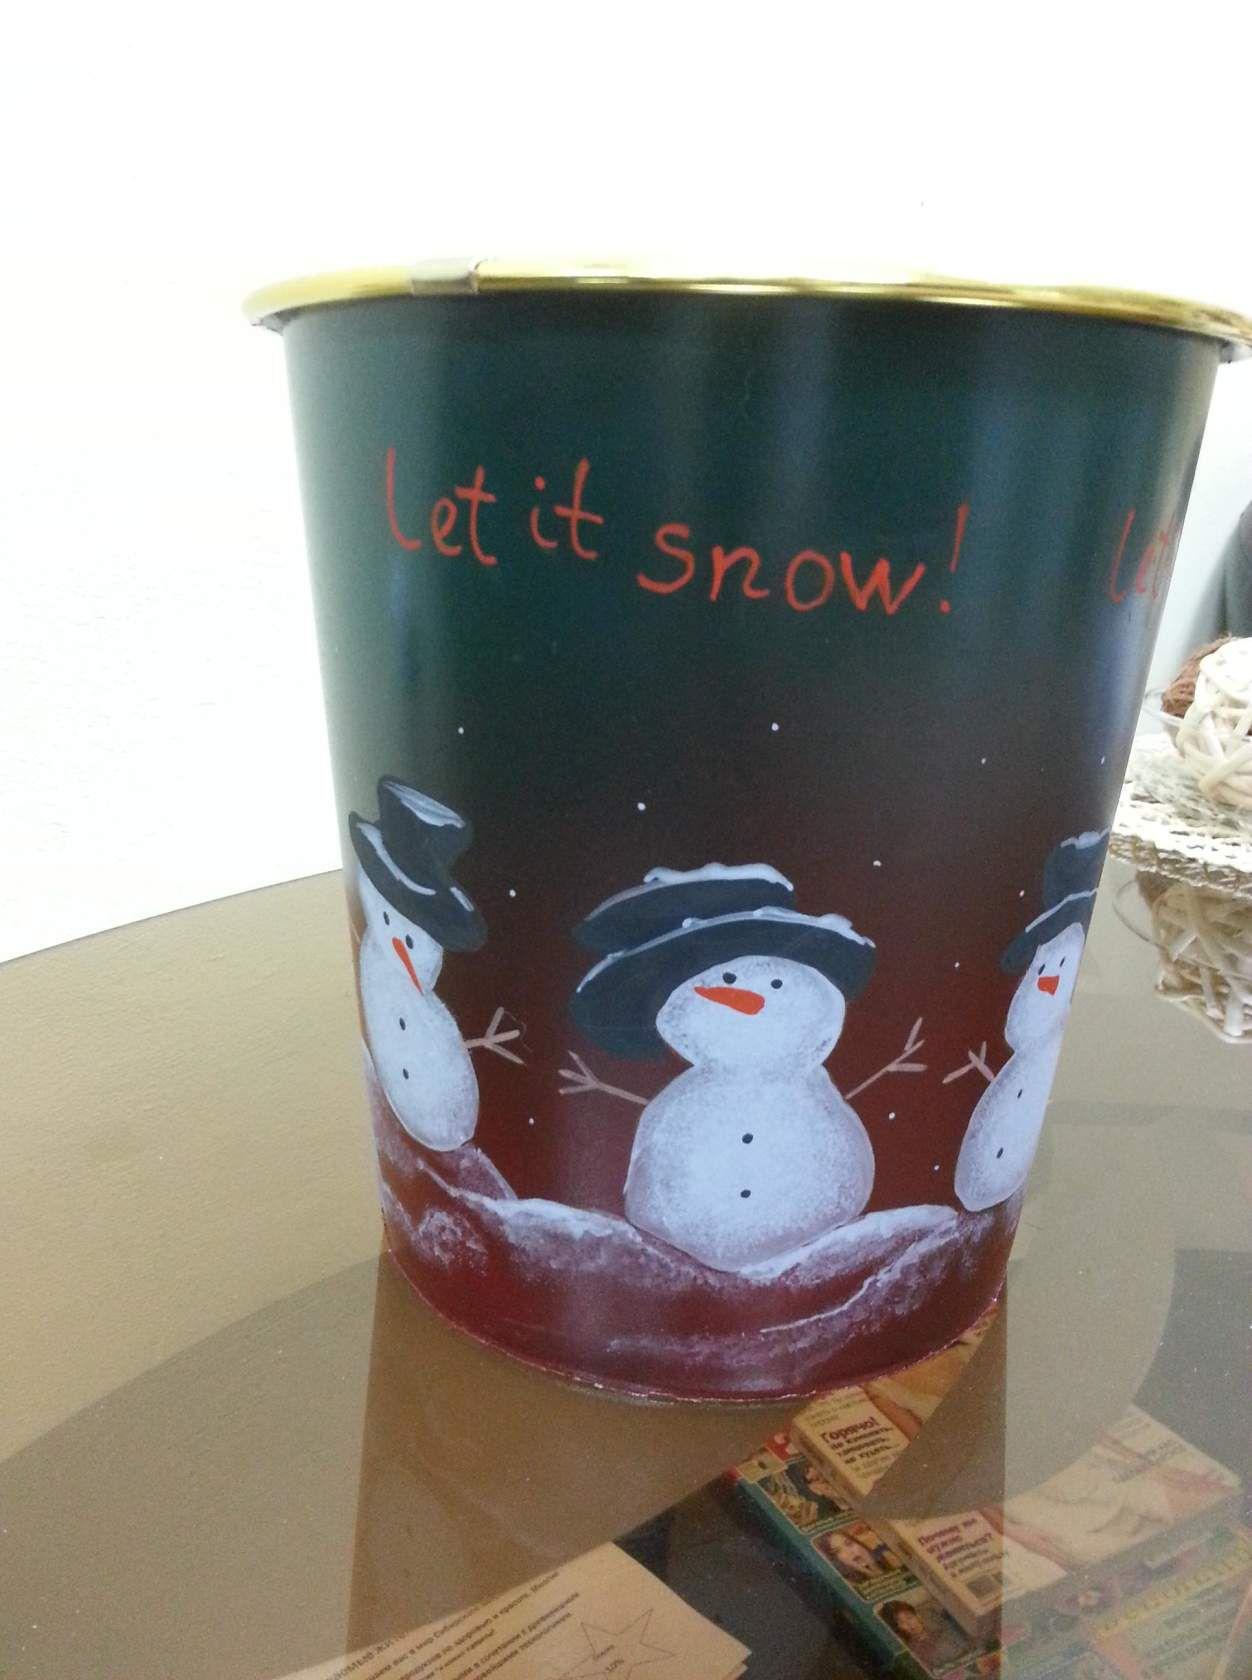 интерьера снег зима женщине год ведерко на снеговик декор подарка новый для детям детей подарок упаковка